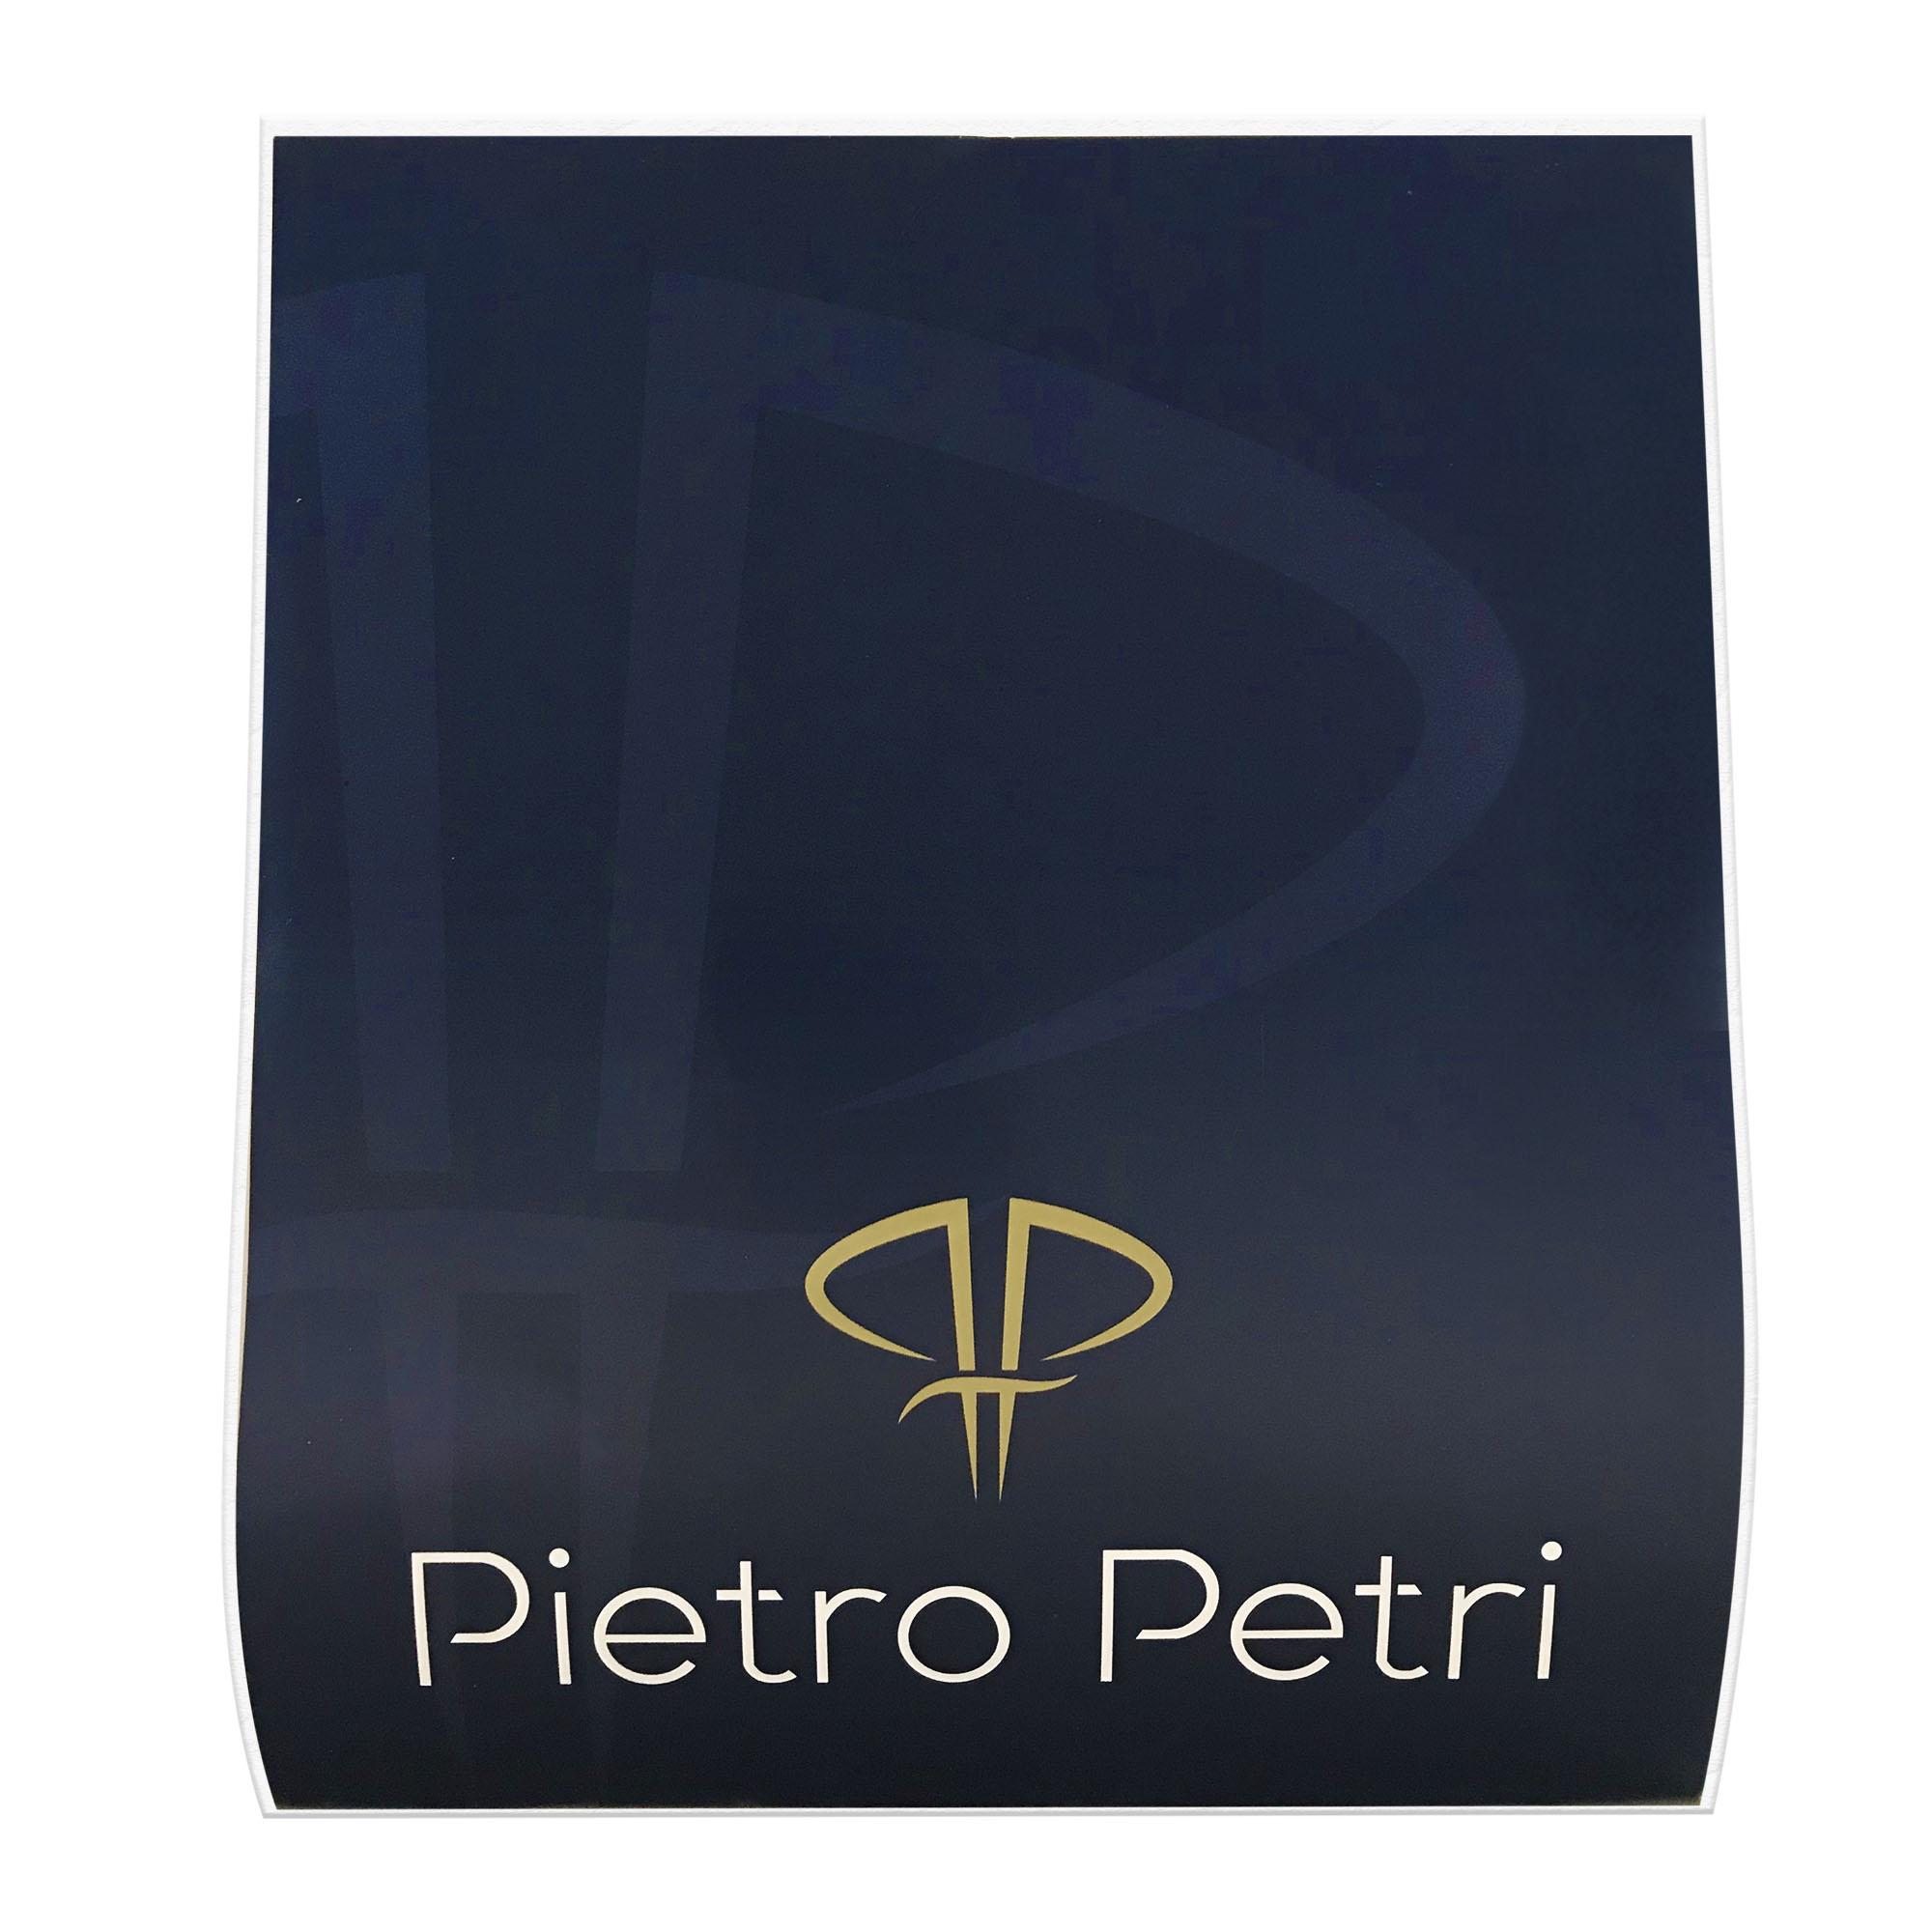 Modelador 3024 cirúrgico compressivo macaquinho Dr Pietro s/ busto indicado p cirurgia na região da barriga costas perna  - Cinta se Nova